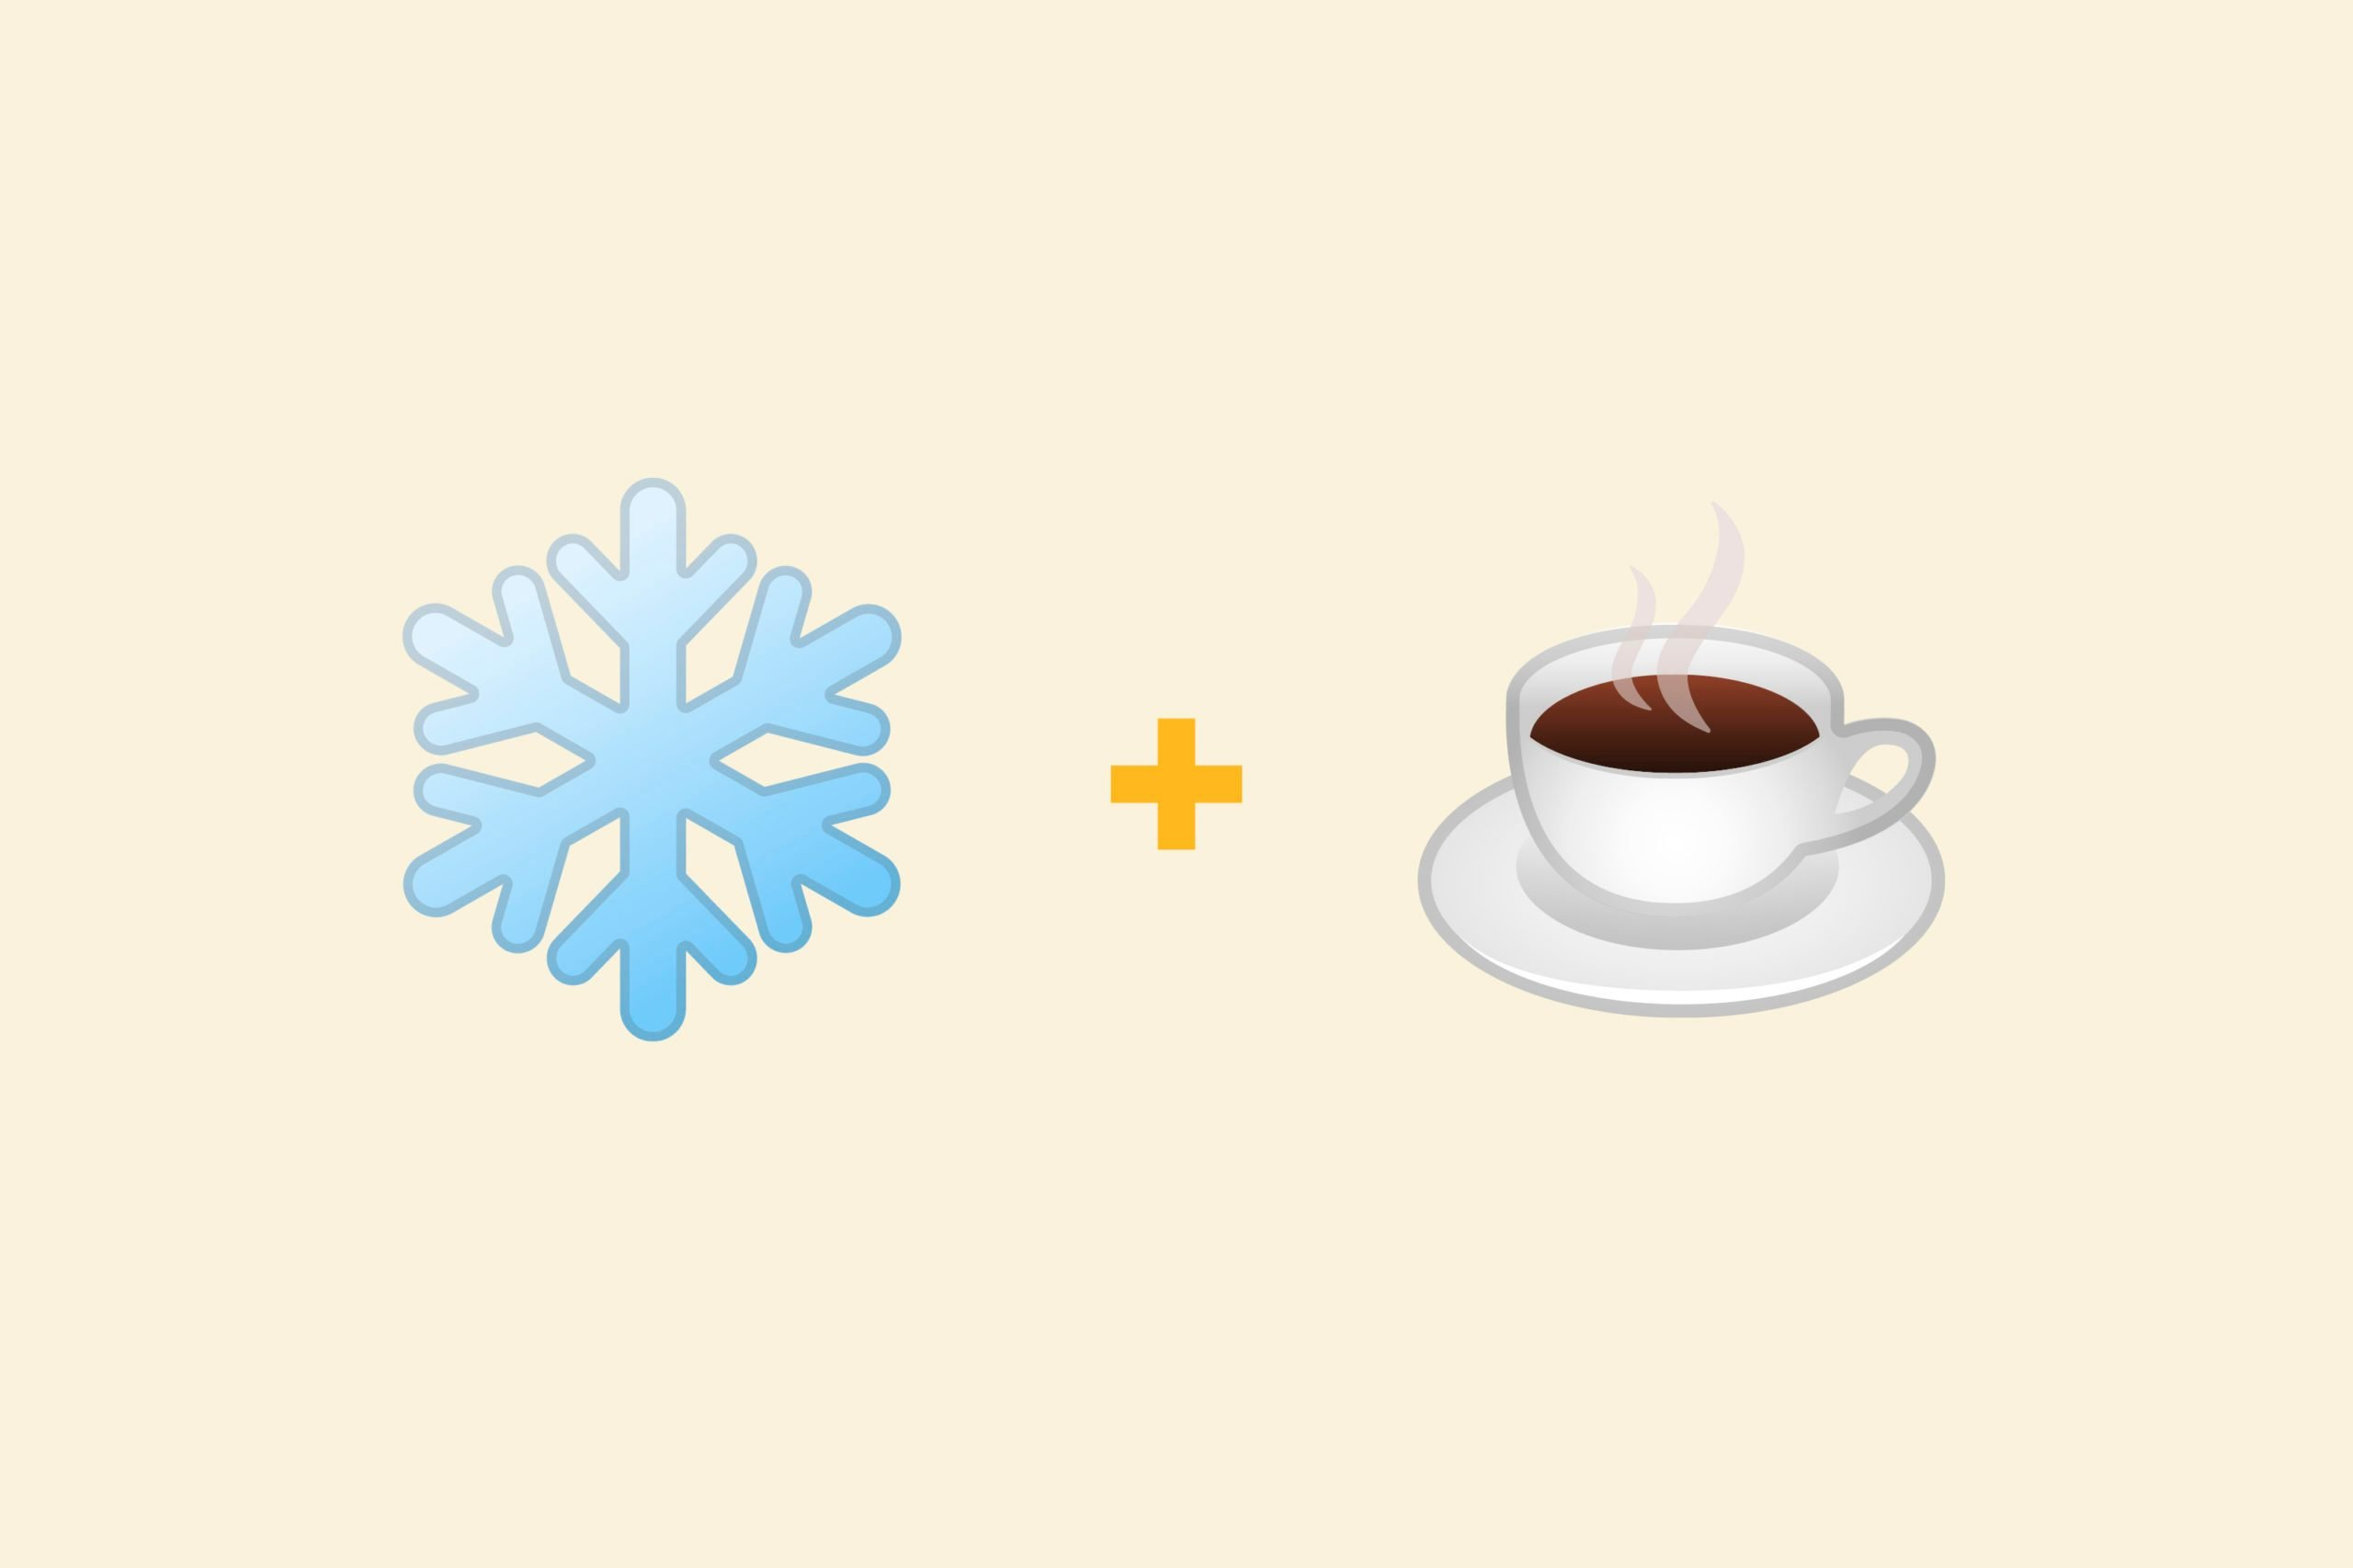 Snowflake emoji + teacup emoji